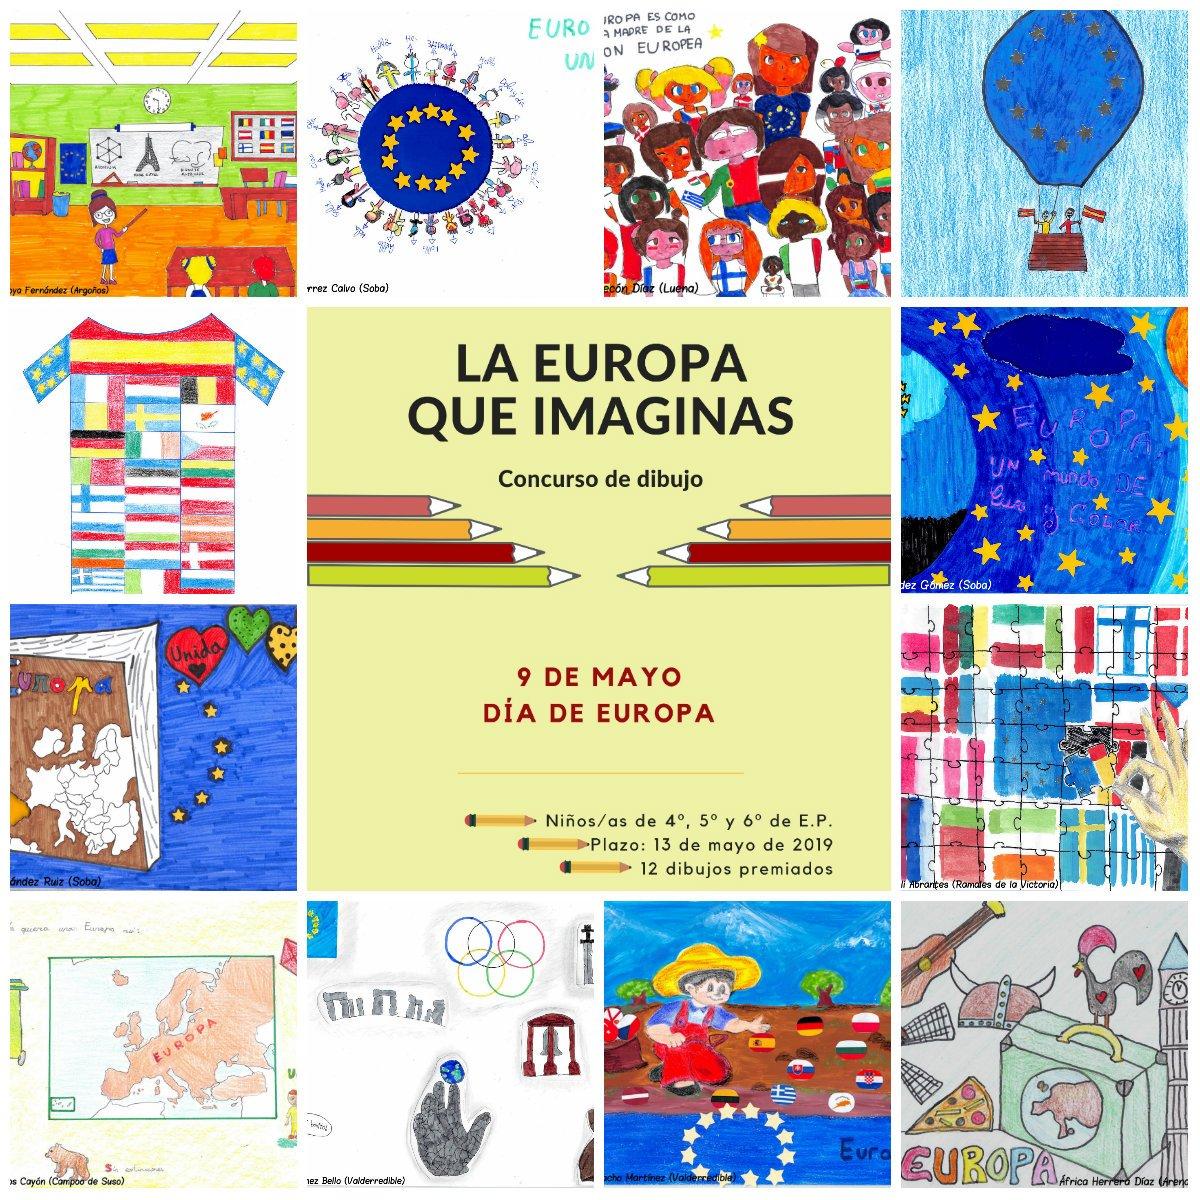 43af215b195c El objetivo del certamen es, en su primera edición, fomentar la reflexión  entre los más pequeños y su conocimiento sobre la Unión Europea y los  países que ...